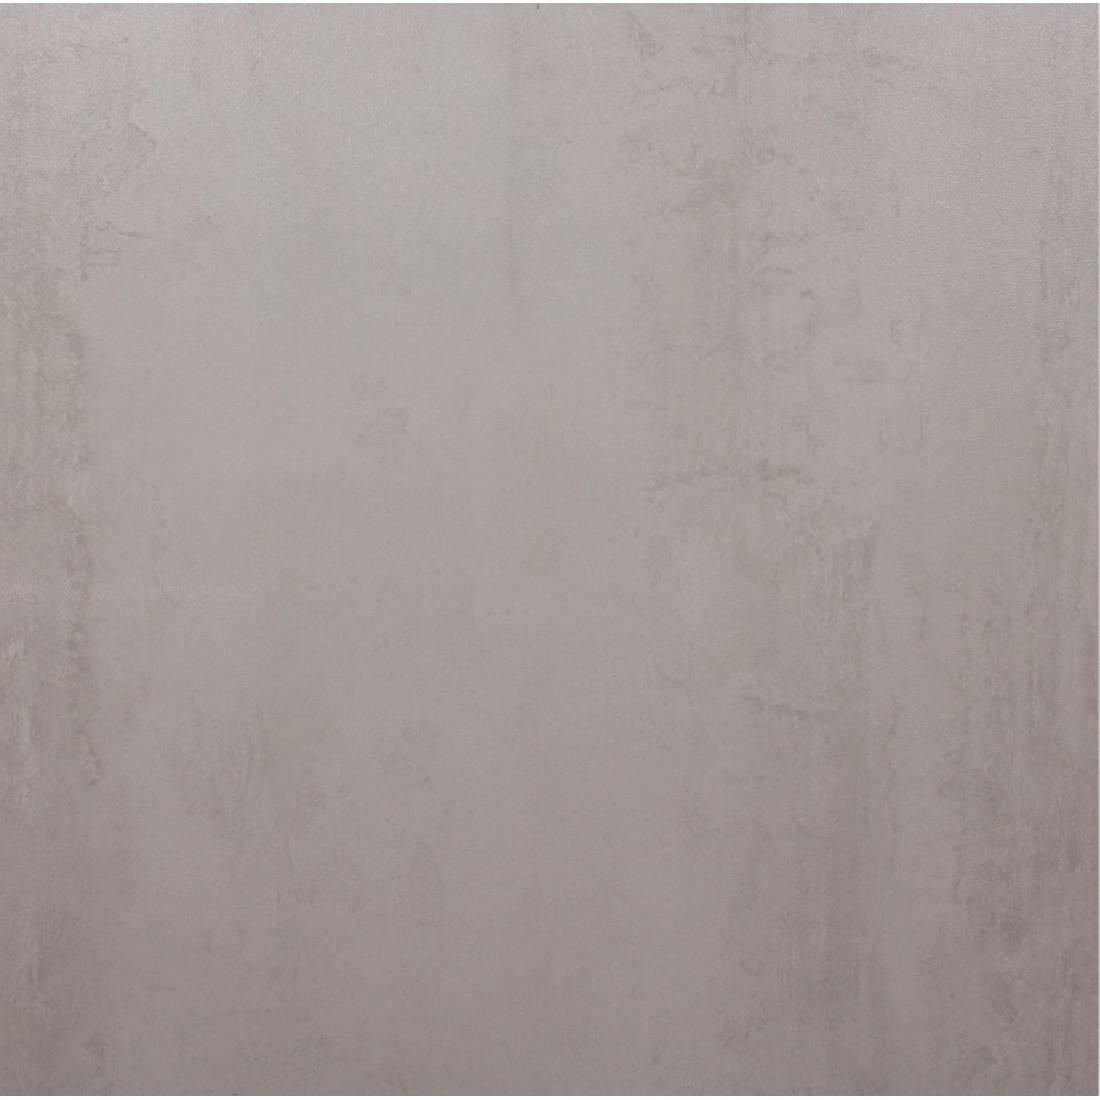 Dapple 60x60 Grey 1